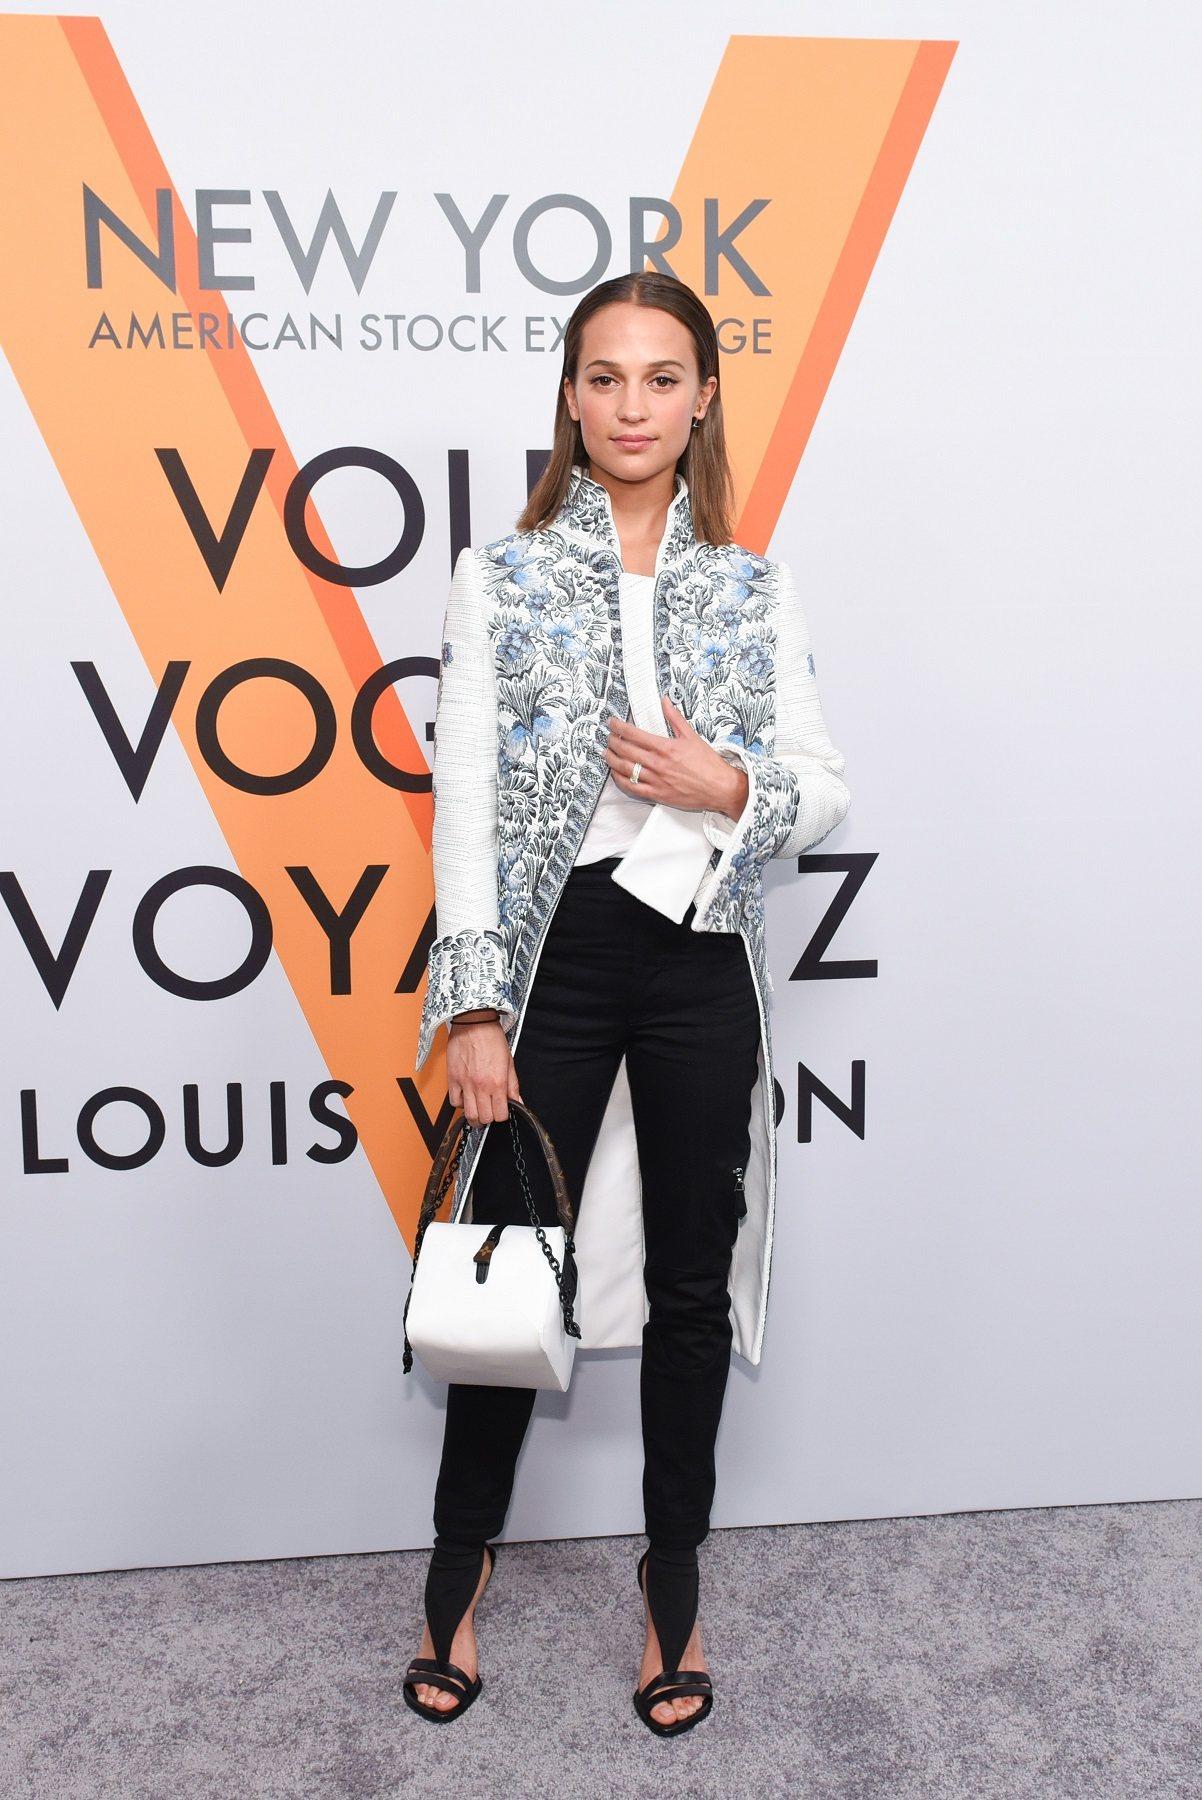 艾莉西亞薇坎德以全新的2018春夏服裝及包款出席紐約活動。圖/LV提供